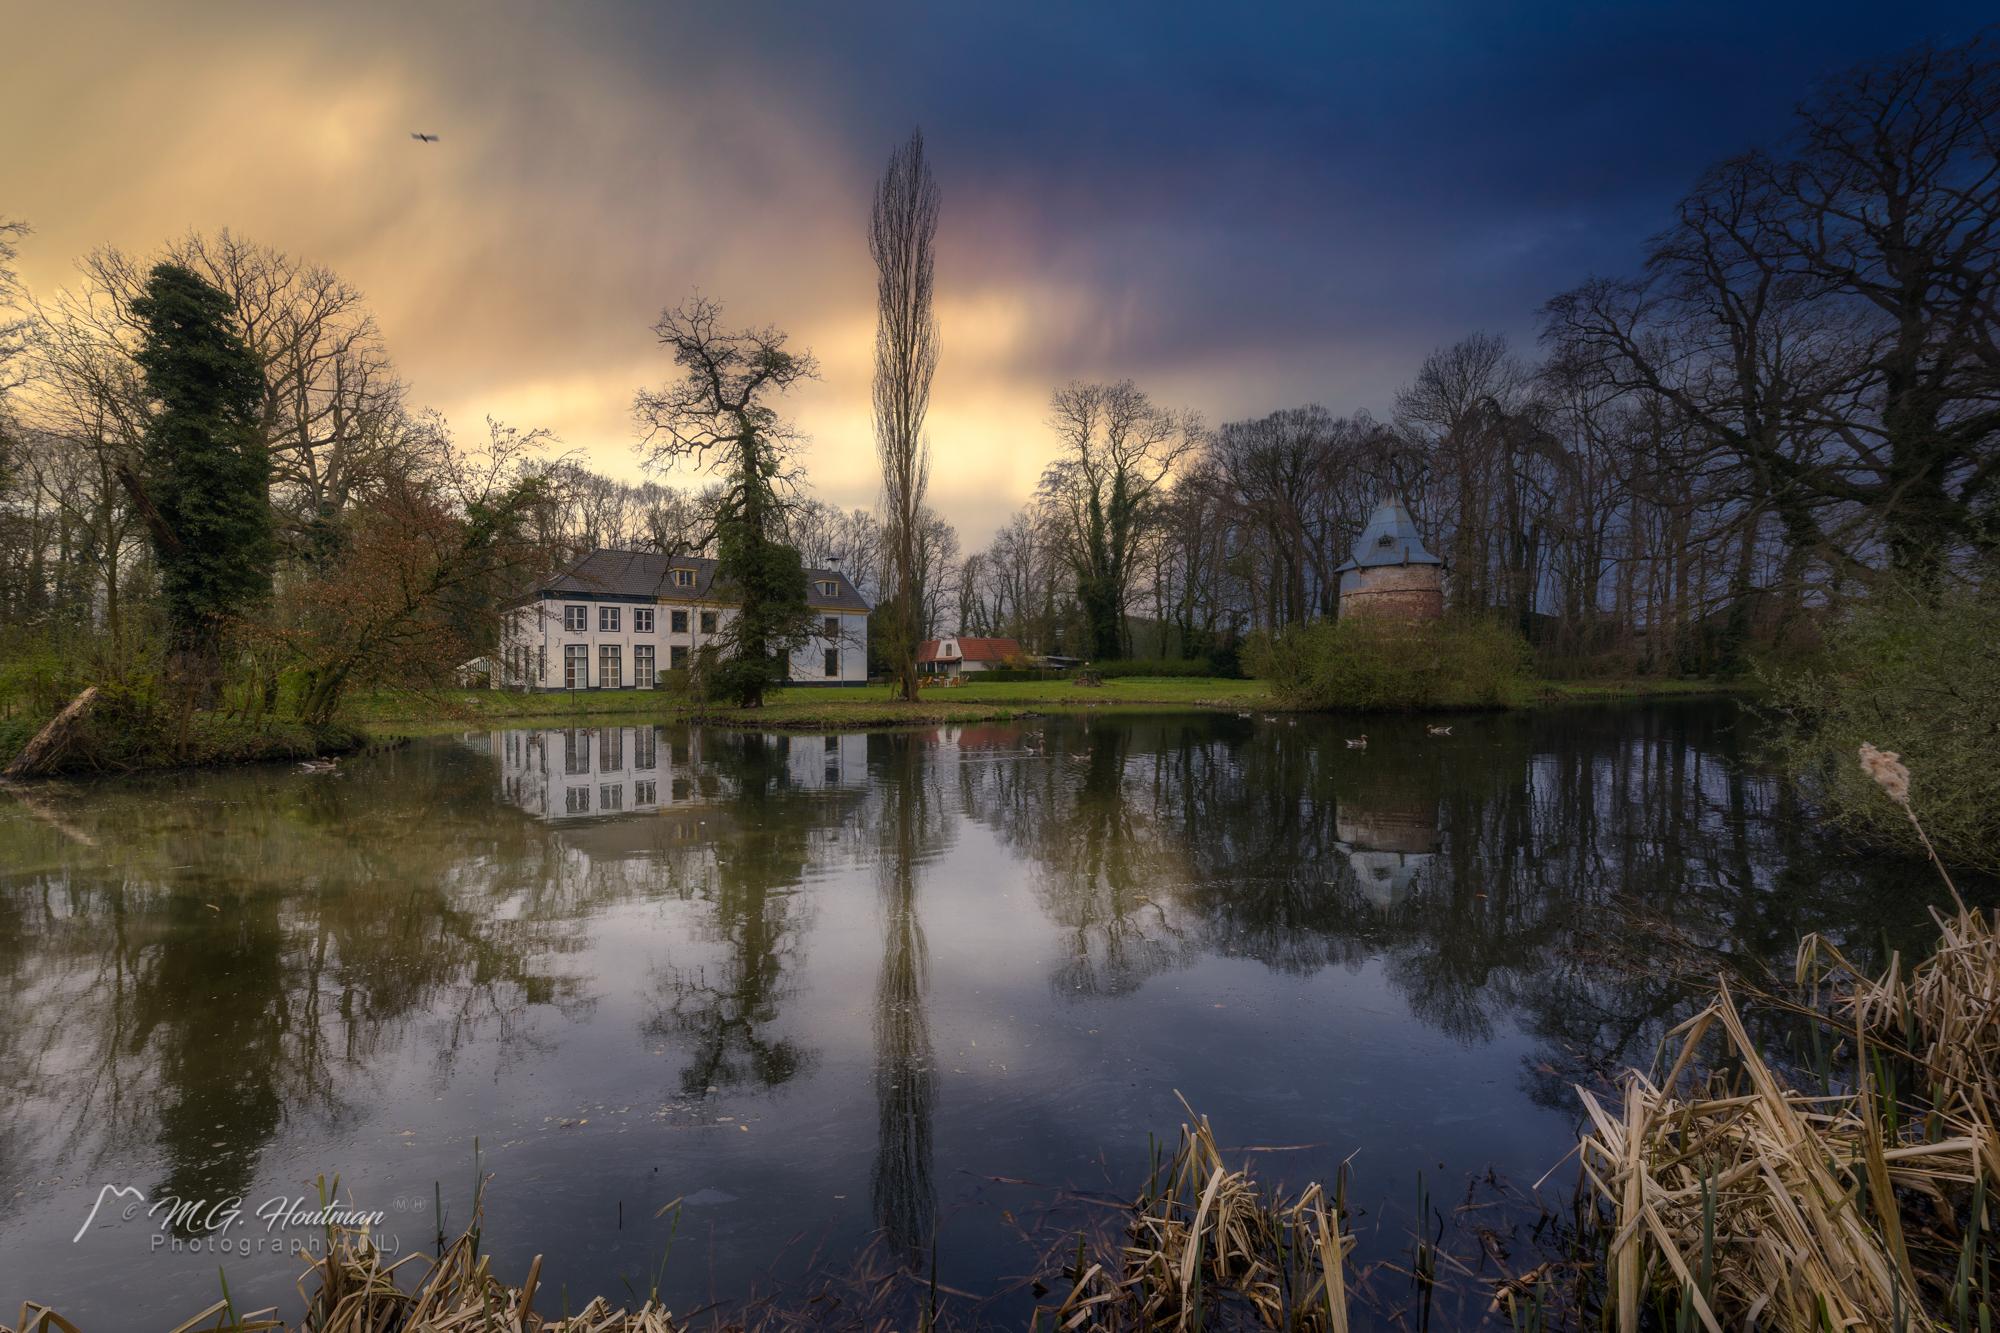 Wickenburgh, voorheen Westenstein, is een voormalig kasteel, nu buitenplaats bij 't Goy, gemeente Houten in de Nederlandse provincie Utrecht.  Er bestaan aanwijzingen dat Wickenburgh de opvolger is van een hofstede uit de karolingische tijd, de Westrummerhofstede. Het huis werd gebouwd aan de rand van de Westrummerweijde, dat in de vroege middeleeuwen onderdeel uitmaakte van het gebied Westrum, een nederzetting waaromheen akkers en weidegebieden lagen. Een kaart uit 1641 laat voor het huis een ronde vijver zien met daarin een rond eiland. Op dit eiland zou op een verhoging een in hout opgetrokken hoogmiddeleeuws mottekasteeltje kunnen hebben gestaan.